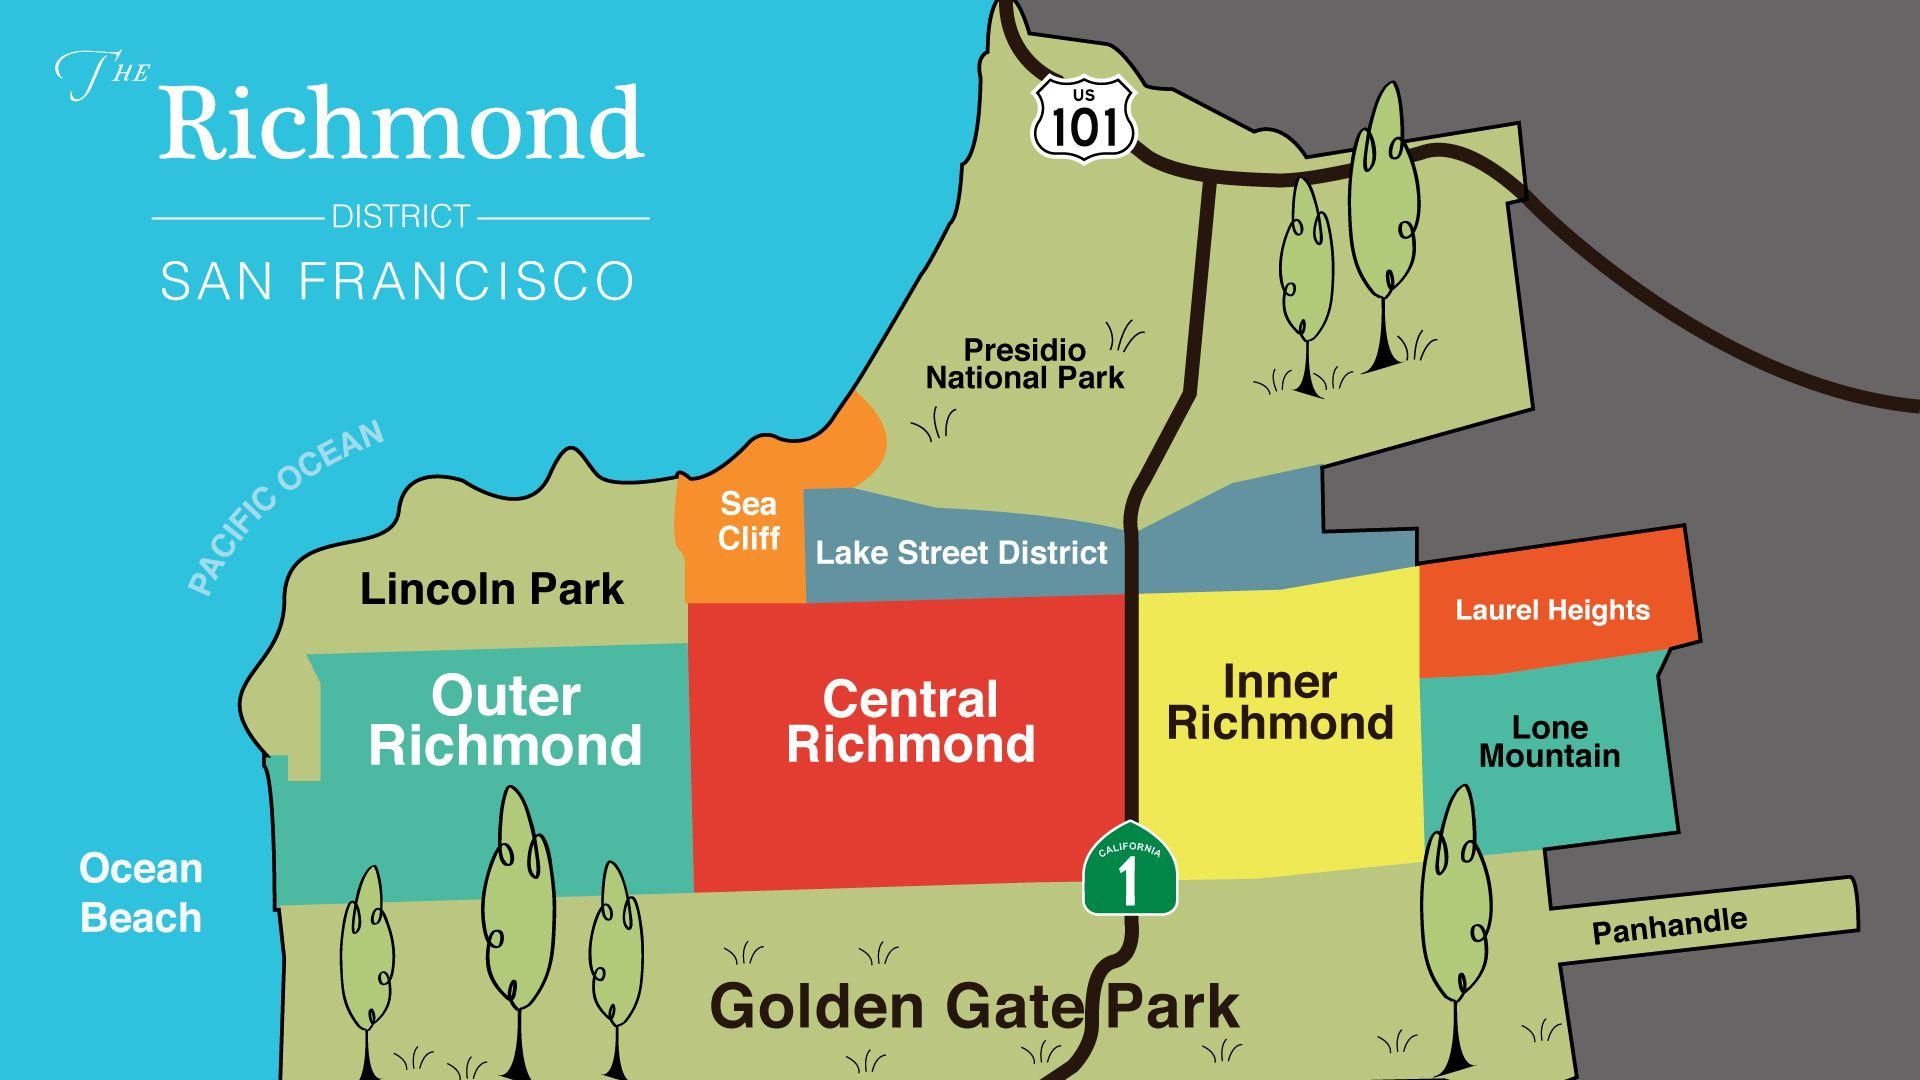 Explore the Richmond Districts unique architectural buildings